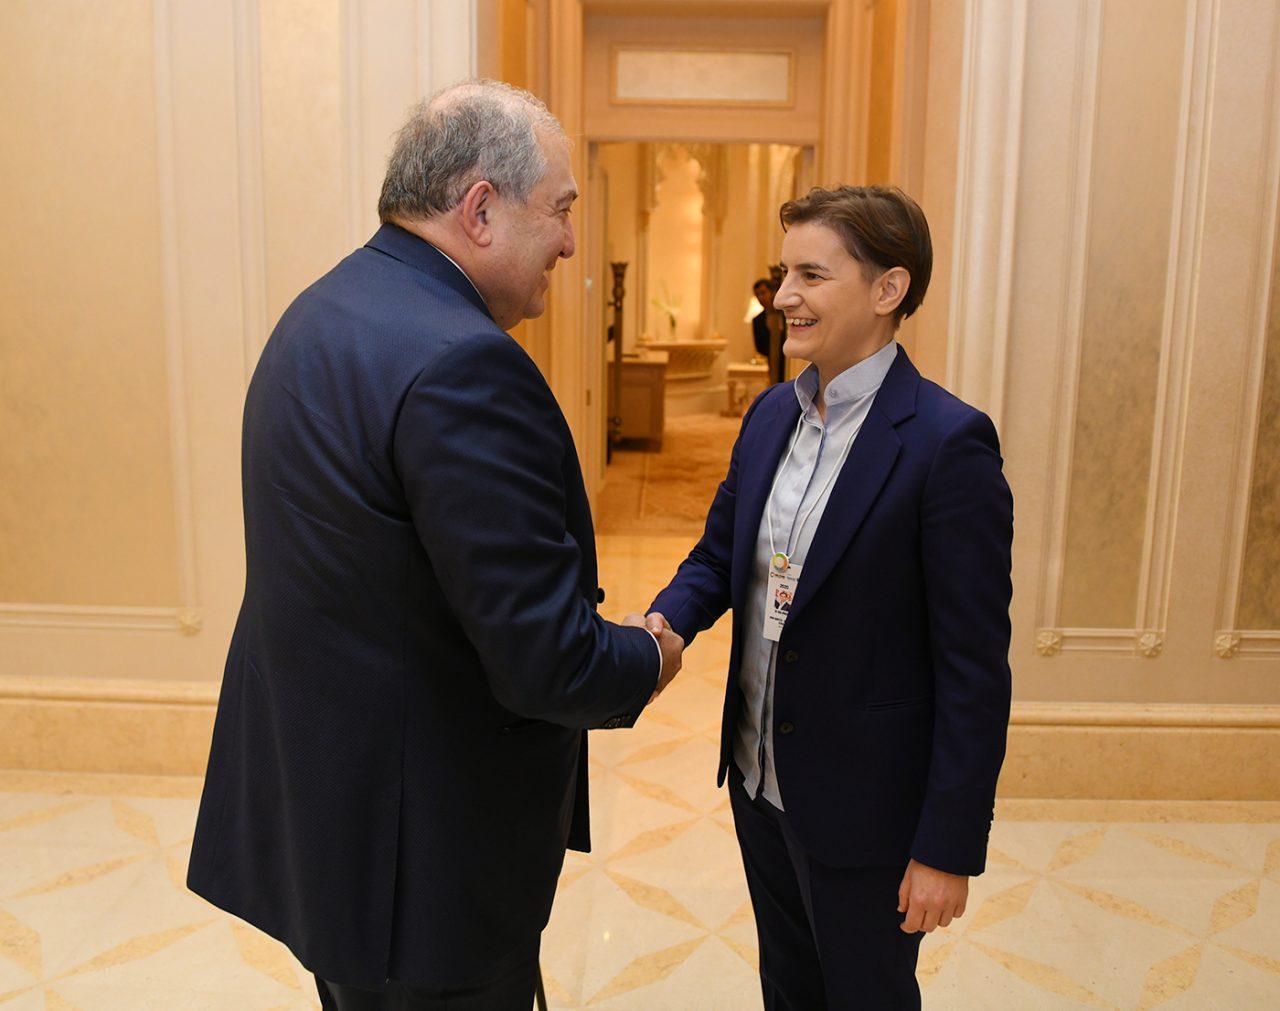 Արմեն Սարգսյանը և Սերբիայի վարչապետը քննարկել են Seaside Startup Summit-ի անցկացումը Սերբիայում